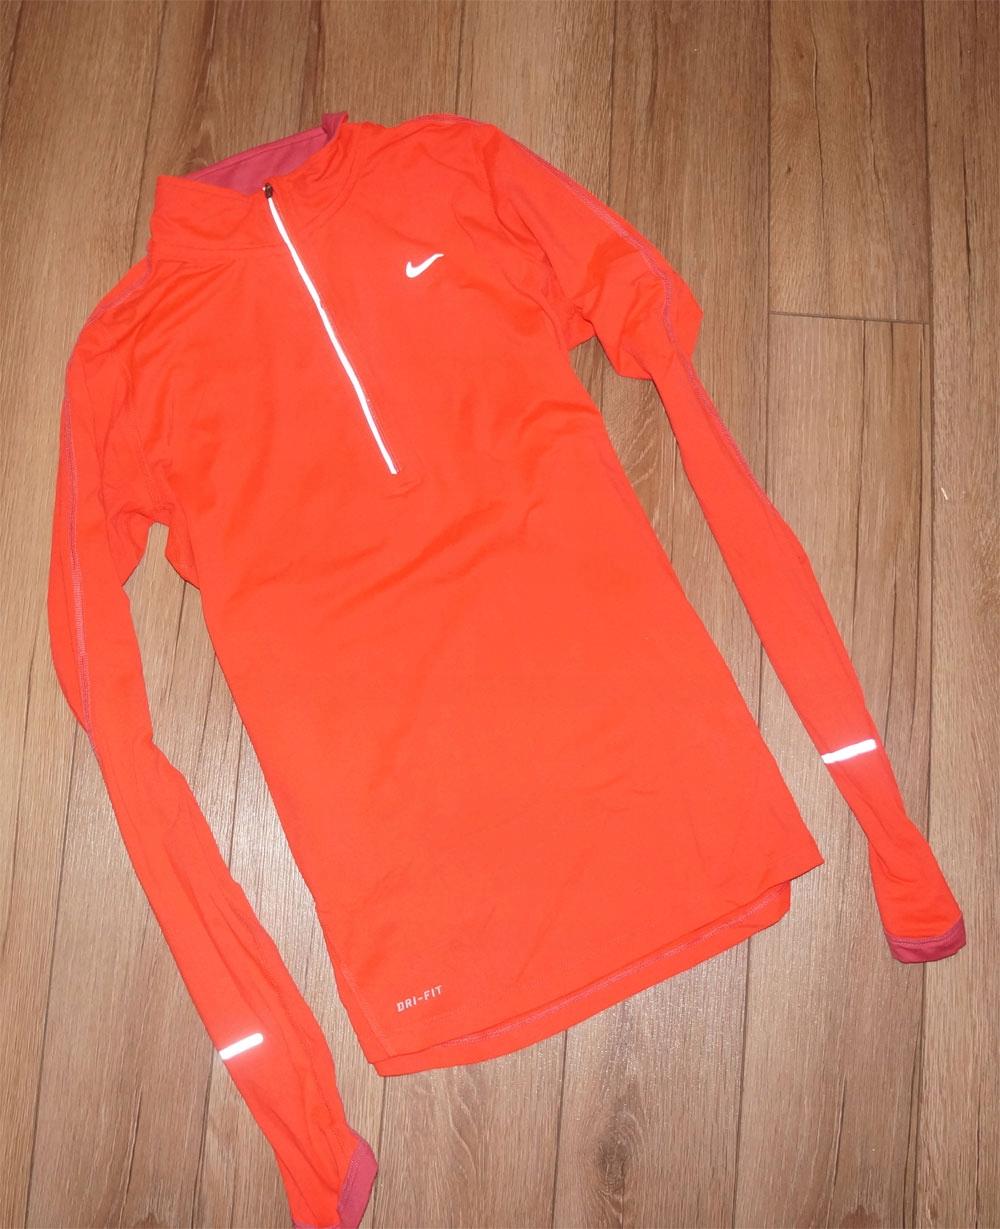 15981b866743b8 Nike dri fit bluza sportowa bieganie fitness S - 7651117284 ...